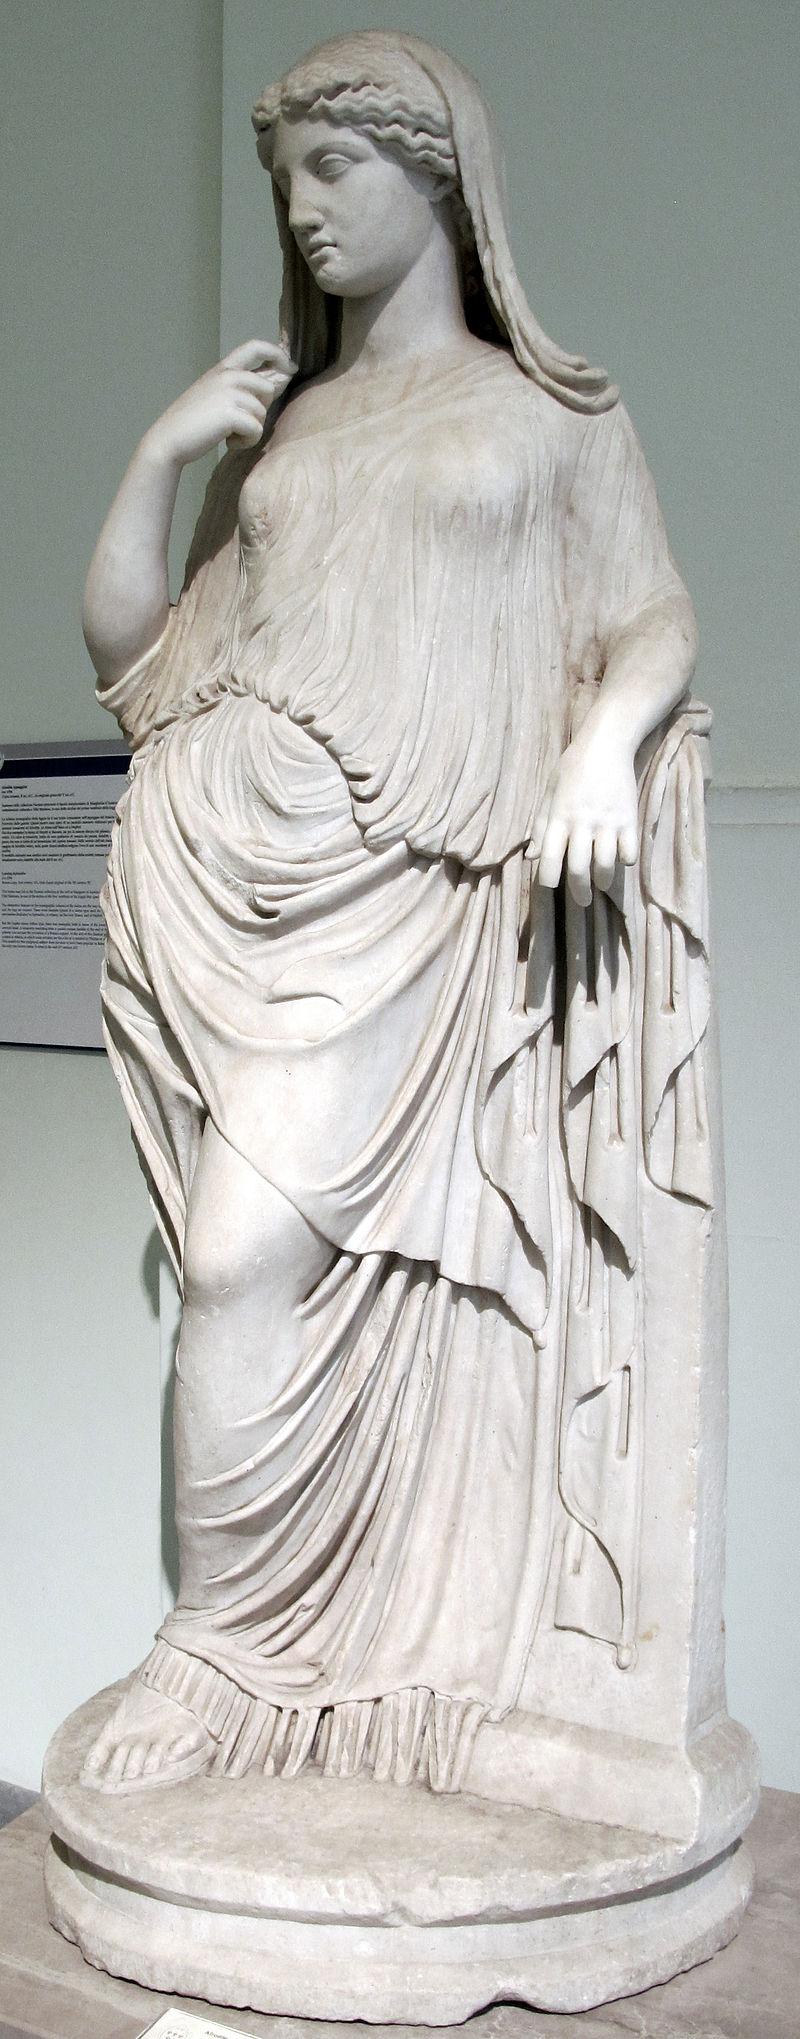 مجسمهای از آفرودیت در موزه ناپل